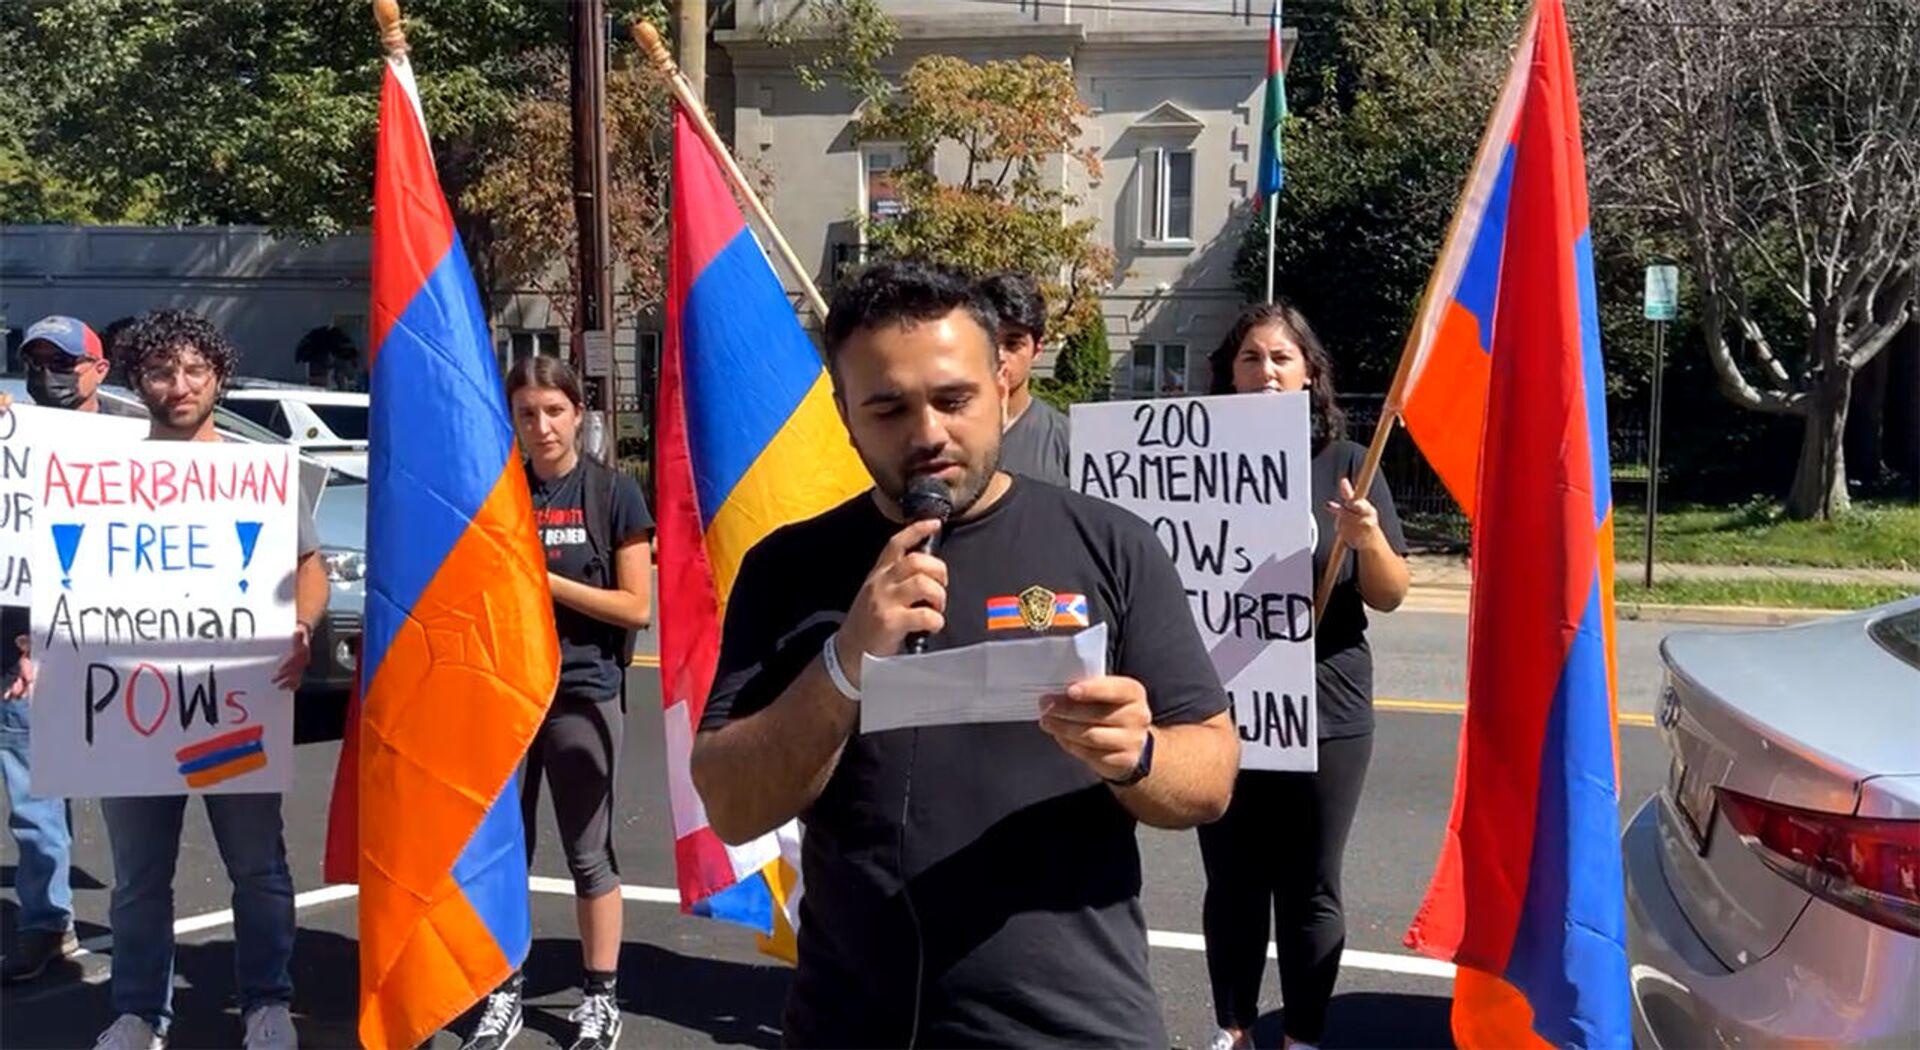 Акция протеста армянской общины Вашингтона перед посольством Азербайджана с требованием немедленного освобождения армянских пленных (27 сентября 2021). Вашингтон - Sputnik Армения, 1920, 27.09.2021